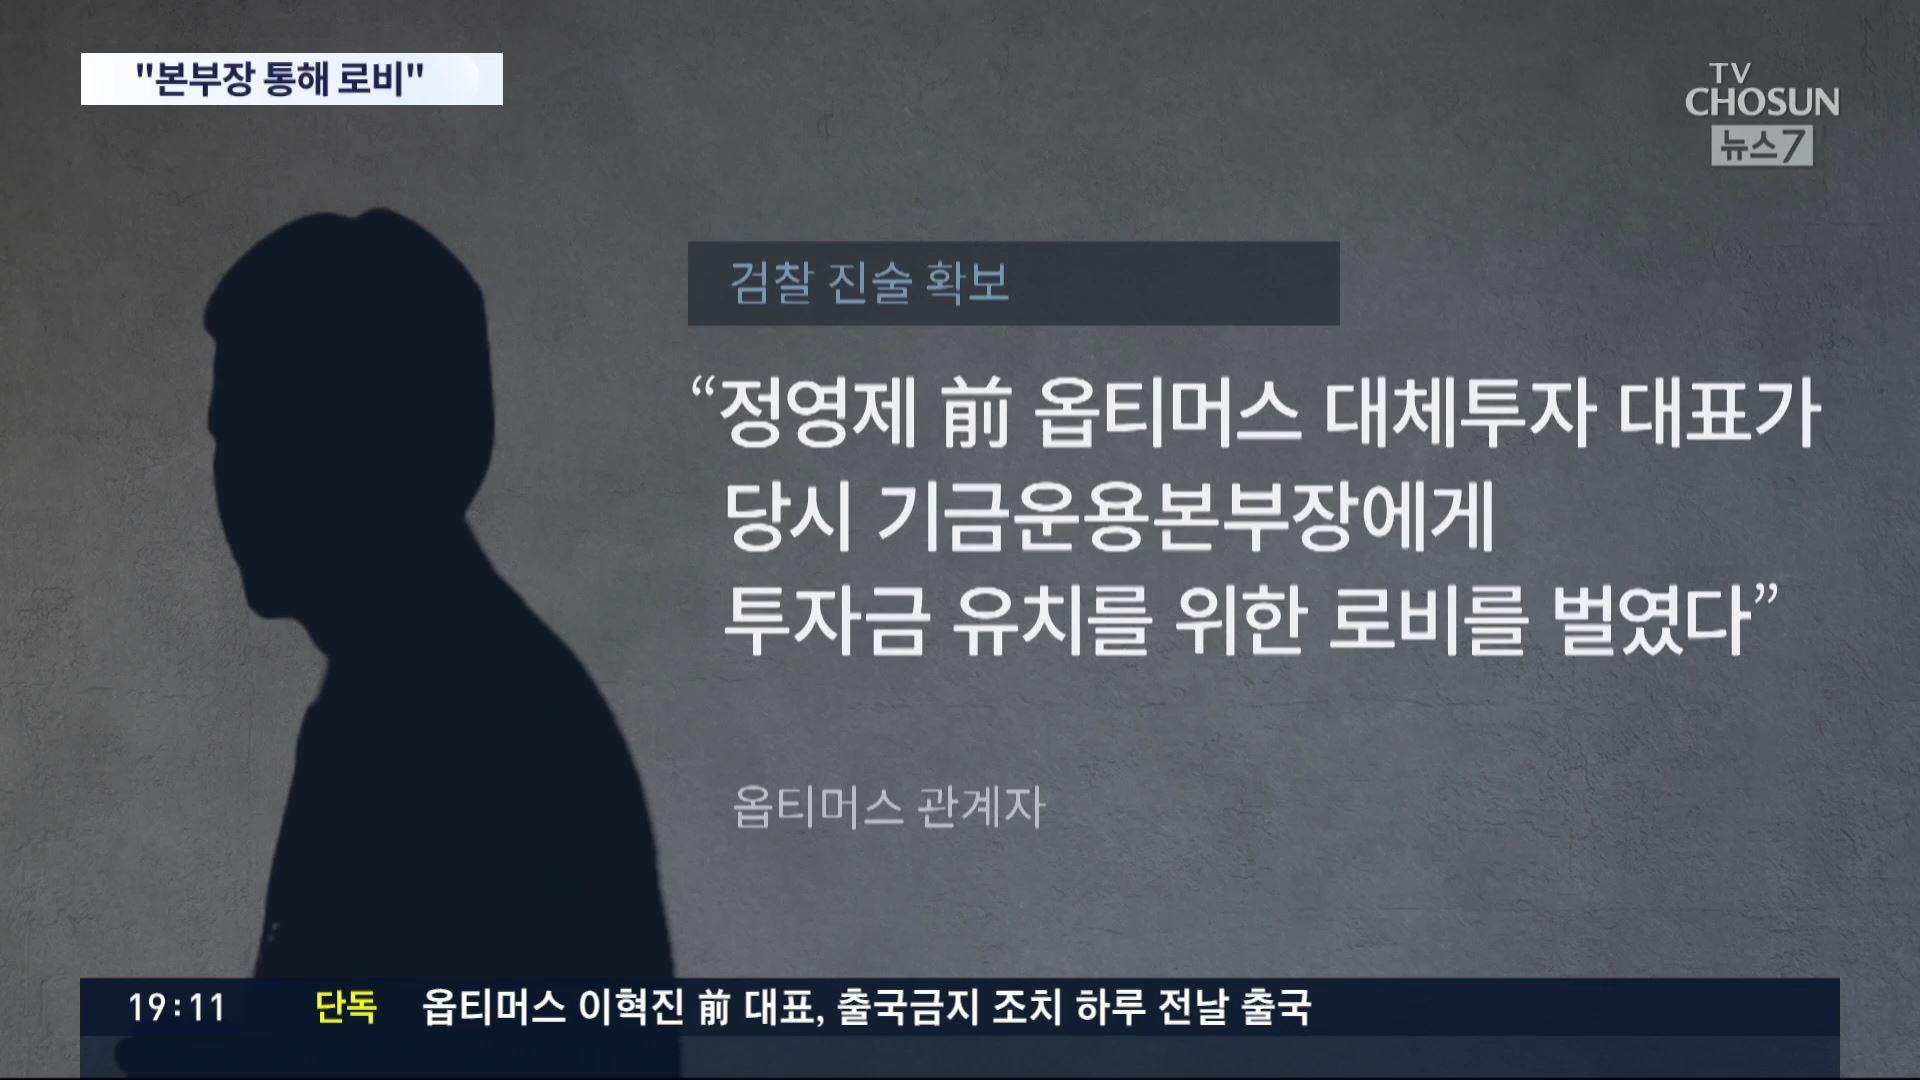 檢 '옵티머스측, 전파진흥원 본부장에 로비'…본부장 '사실무근'